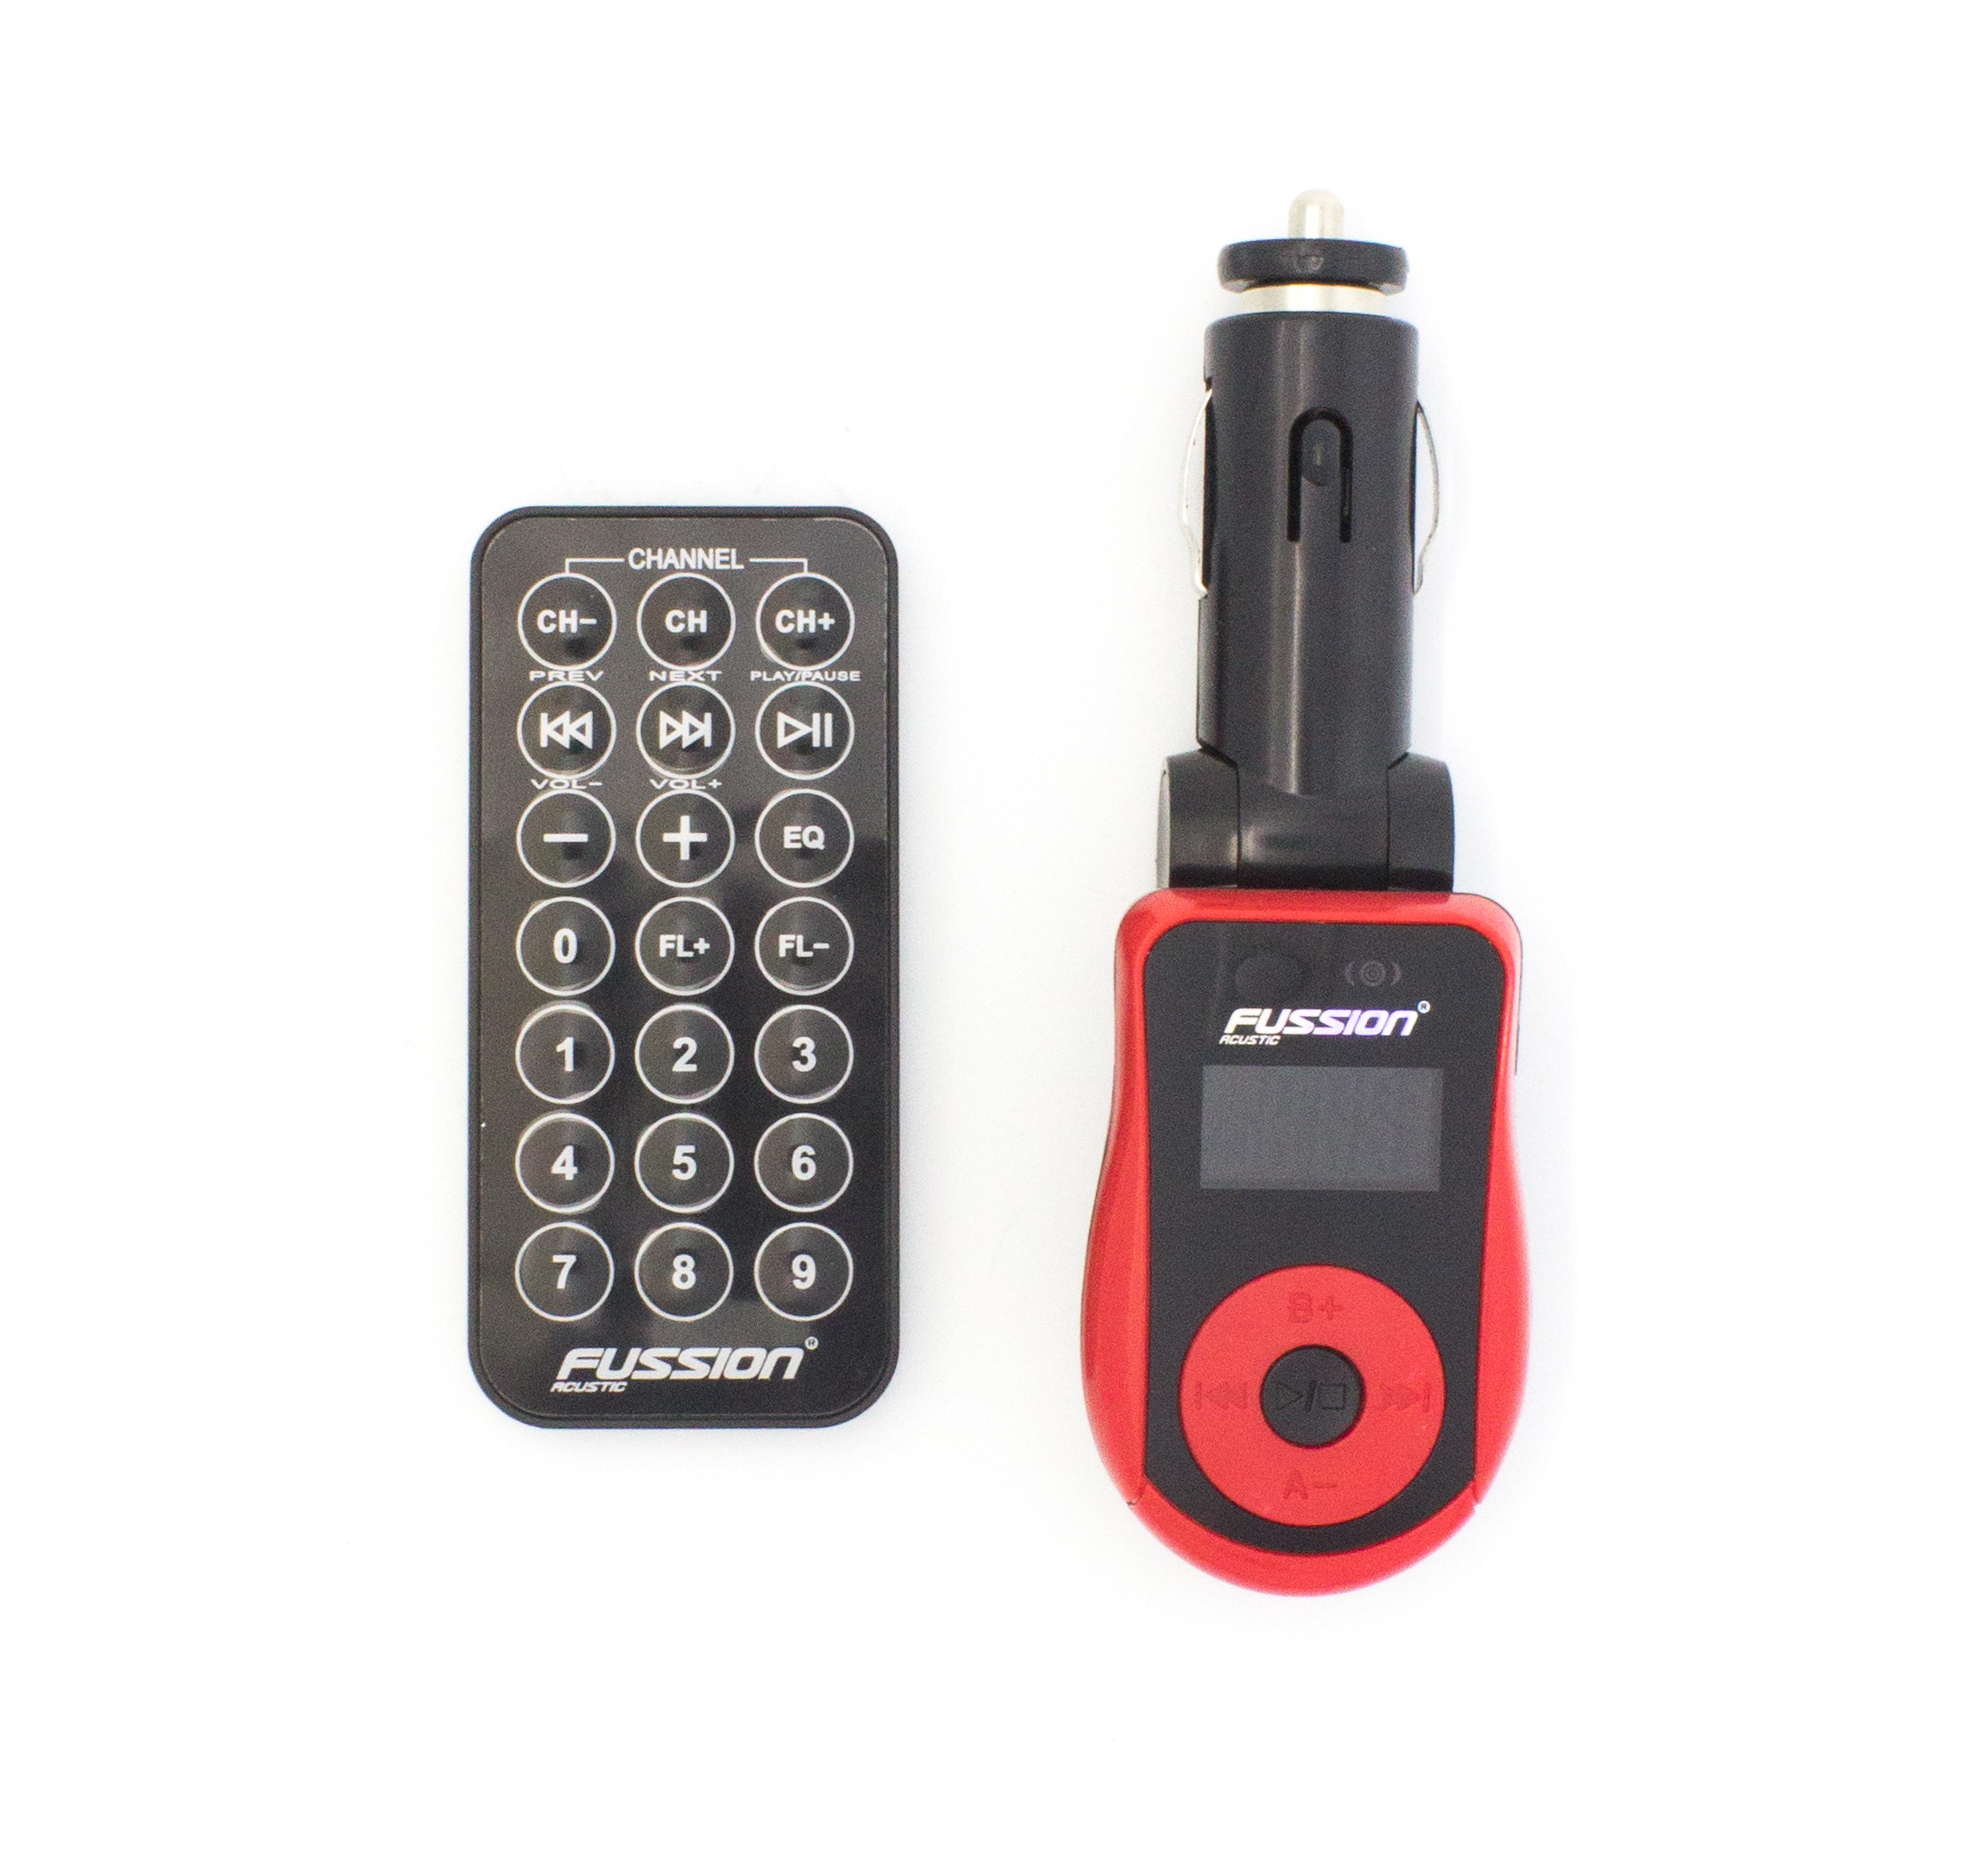 Imagen de TRANSMISOR FM CON PUERTO USB, RANURA PARA SD / INCLUYE CONTROL REMOTO